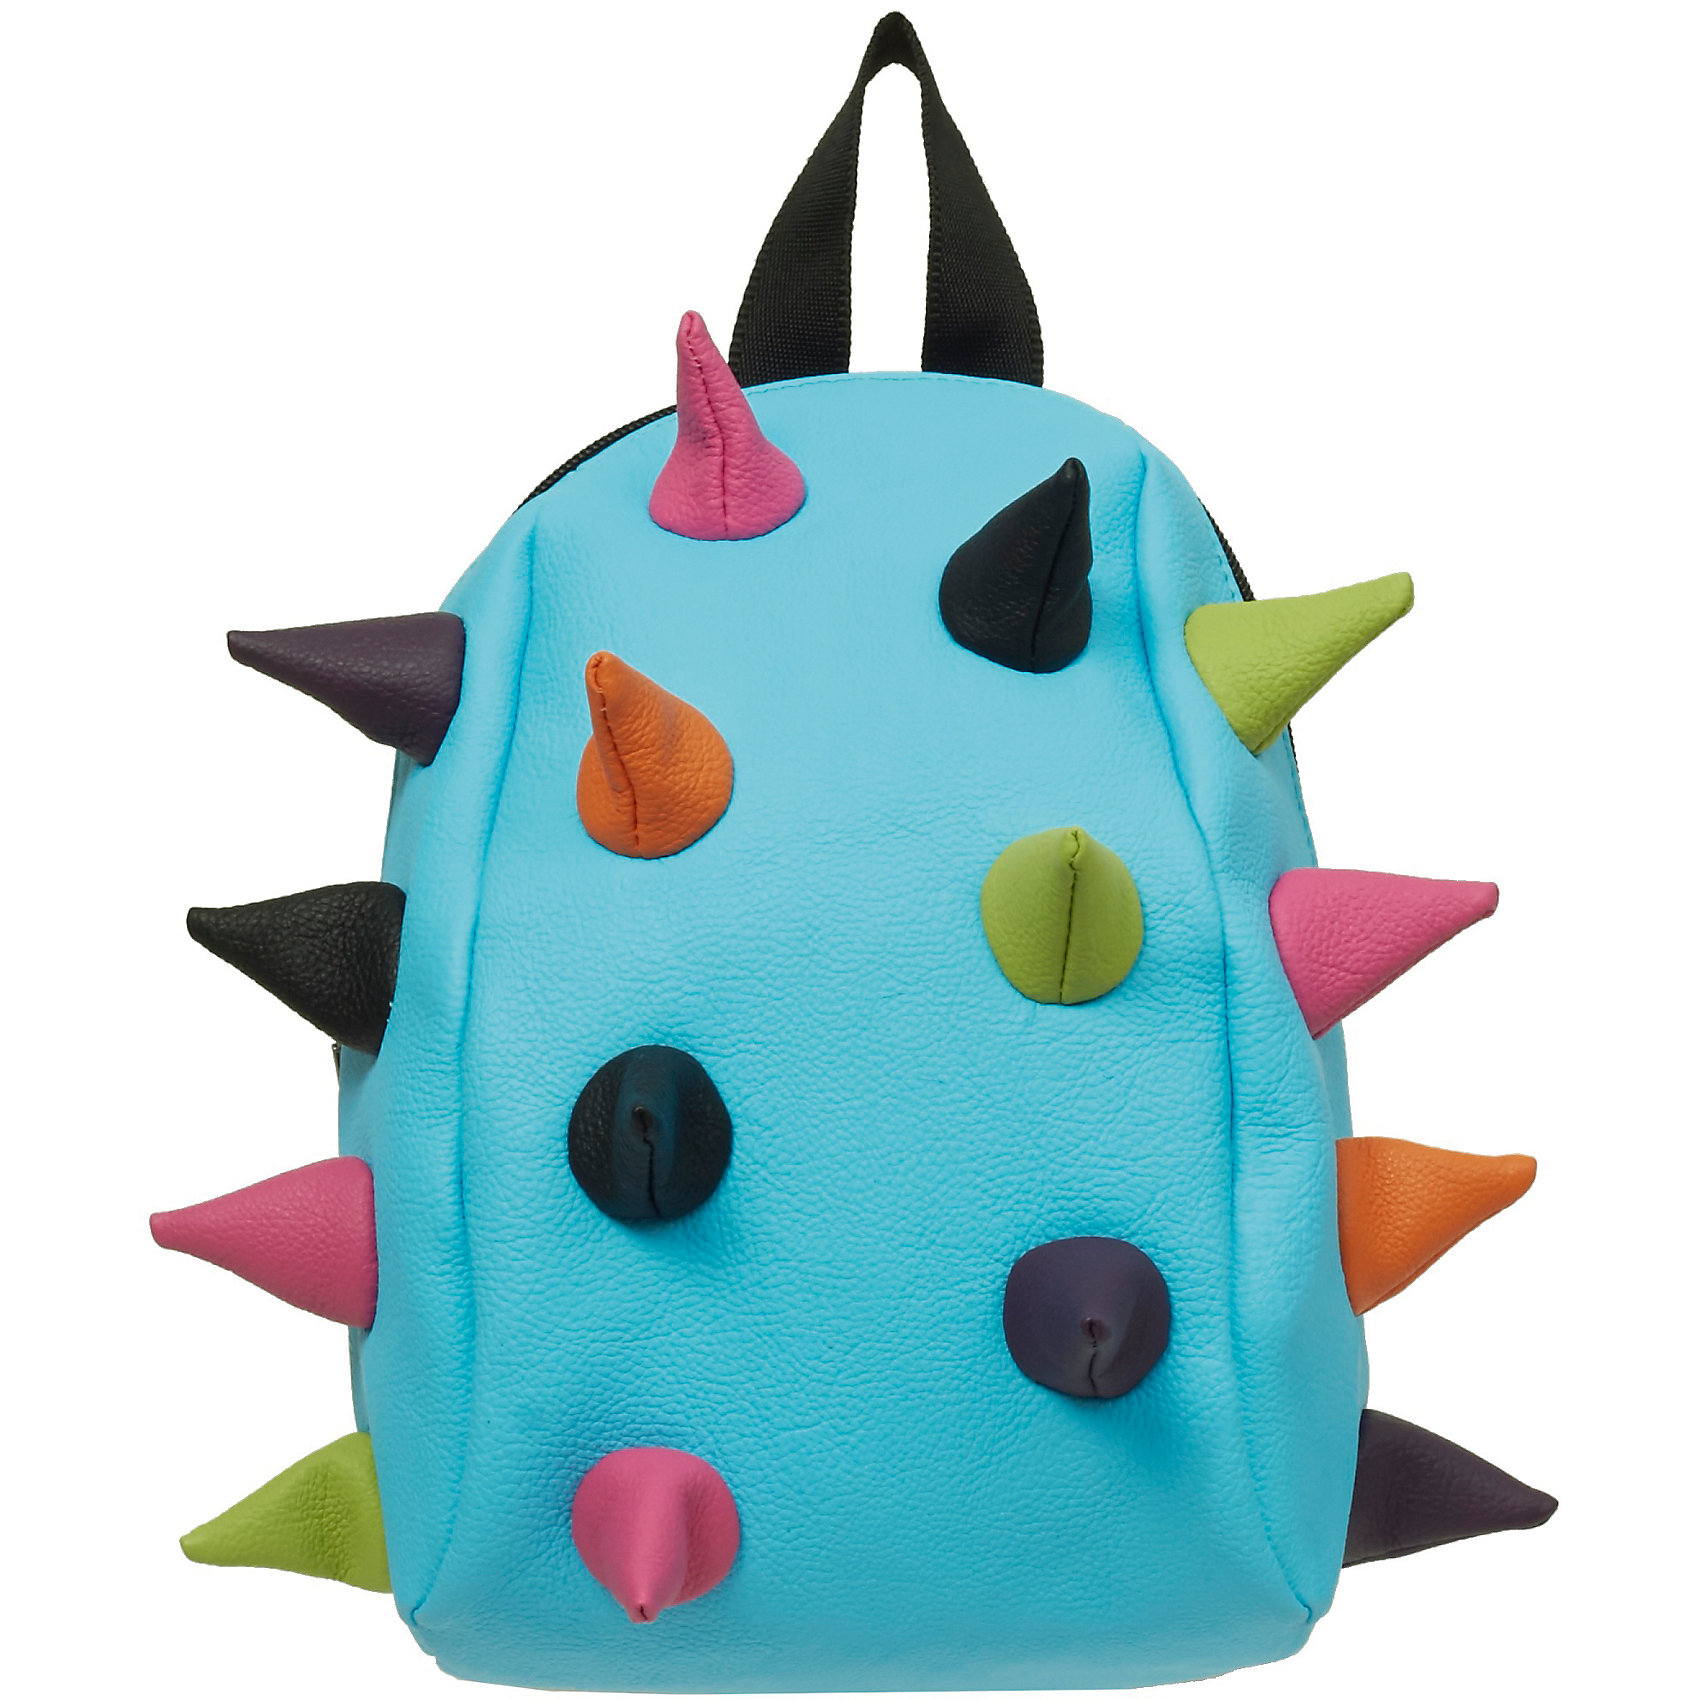 Рюкзак Rex Pint Mini 2, цвет голубой мультиРюкзаки<br>Стильный рюкзак-мини «Rex Mini» несомненно порадует маленьких детей.<br>Маленькие вместительные монстрики, приведут в восторг беззаботных детишек, а заодно решат проблему родителей с хранением всякой мелочи, как например, запасной футболки с любимым героем мультфильма, карандашами и другими мелкими, но не менее необходимыми личными вещами малышей.<br>Рюкзак имеет один просторный отсек с застежкой на молнию, длину лямок можно легко регулировать.<br><br>Ширина мм: 31<br>Глубина мм: 23<br>Высота мм: 15<br>Вес г: 272<br>Возраст от месяцев: 36<br>Возраст до месяцев: 420<br>Пол: Унисекс<br>Возраст: Детский<br>SKU: 5344331